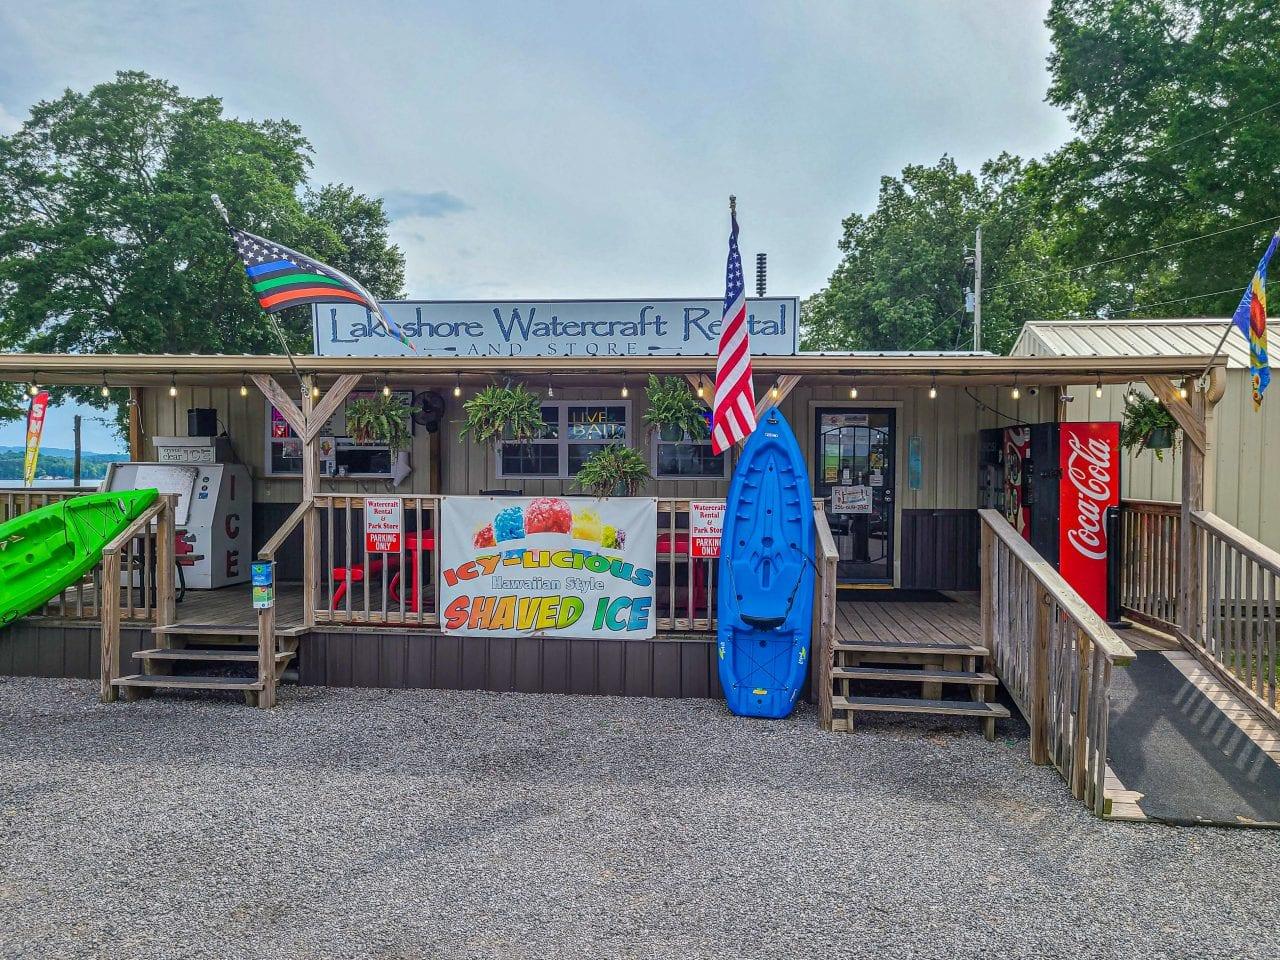 Lakeshore Watercraft Rental